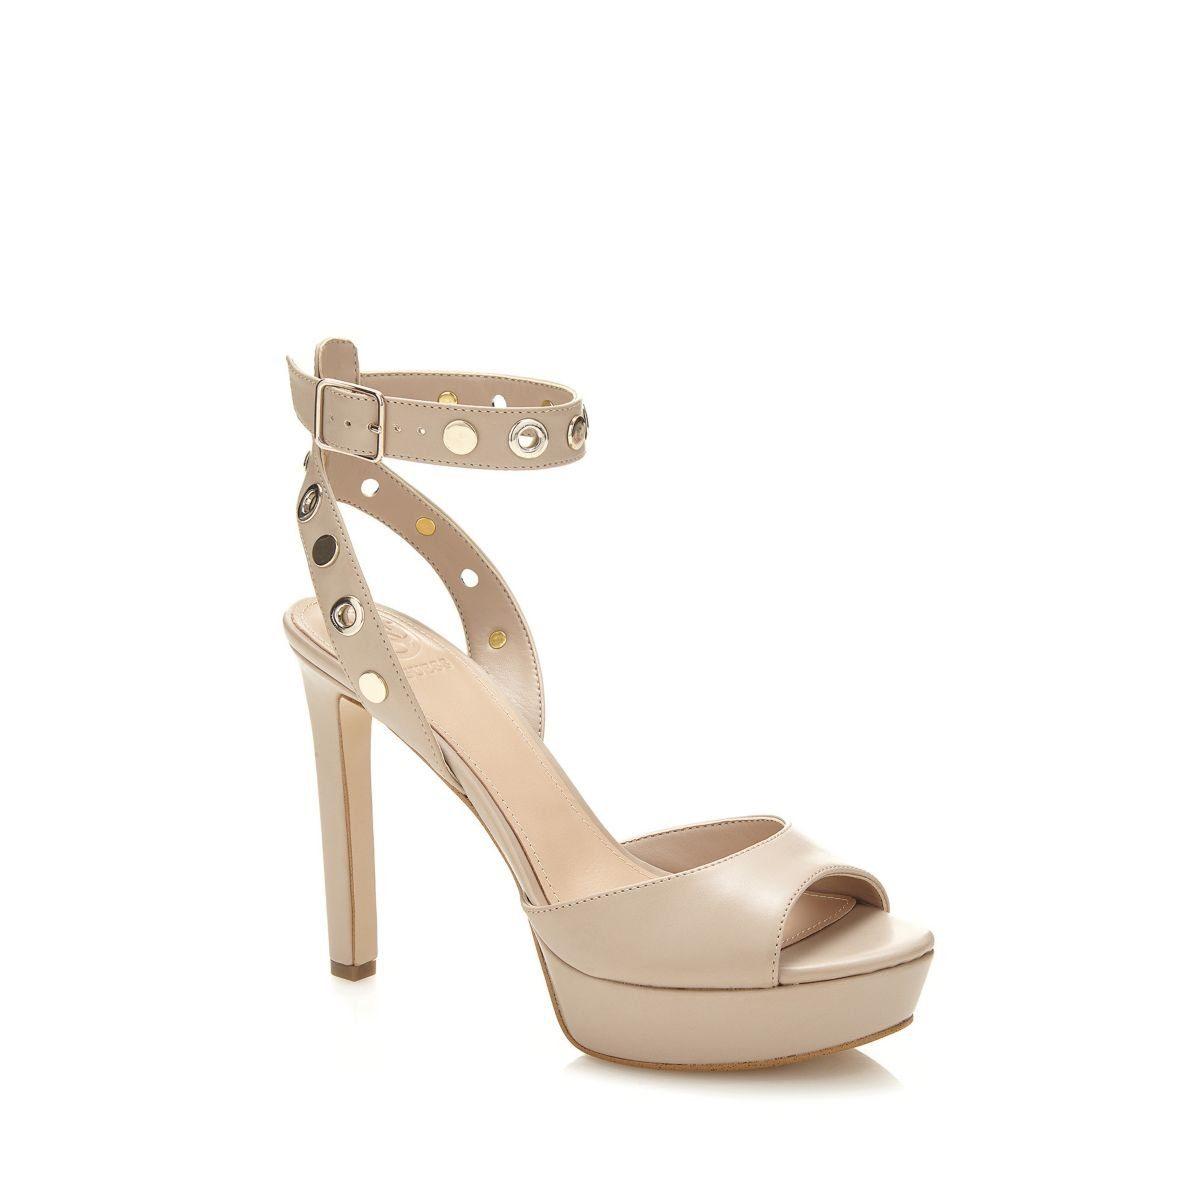 Guess Sandale online kaufen  braun